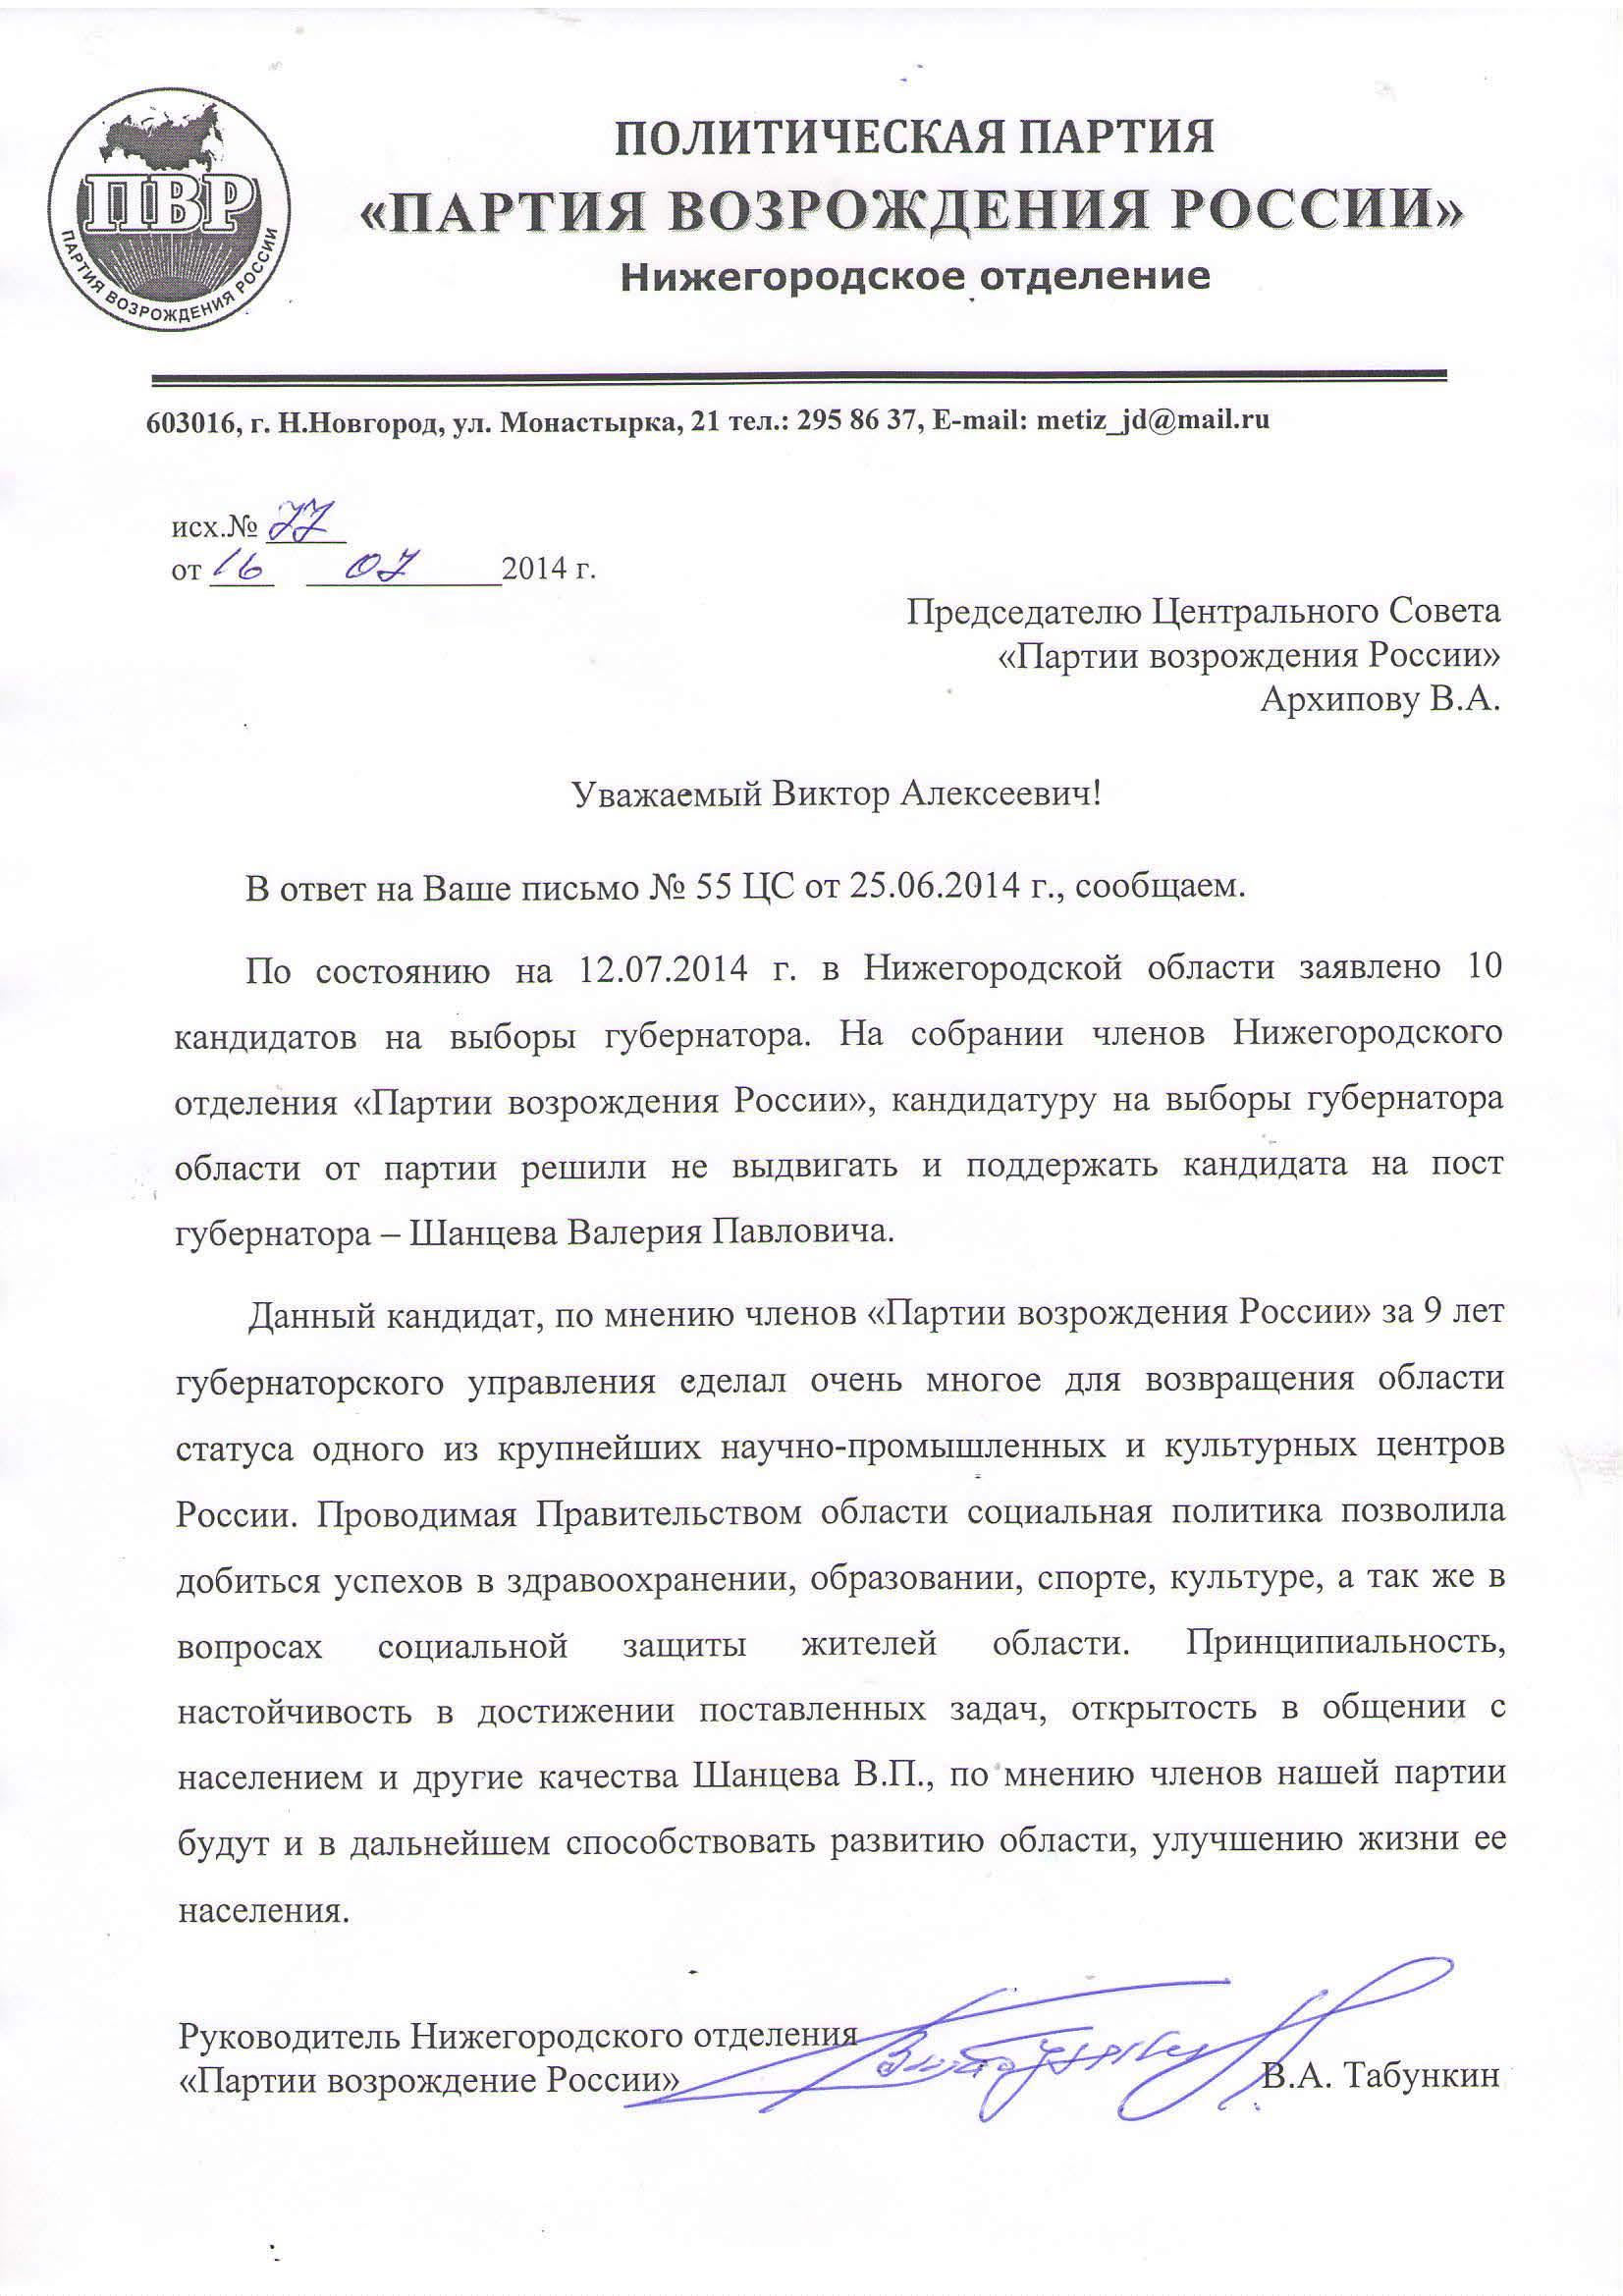 Ответ на письмо №55 ЦС от 25.06.2014г